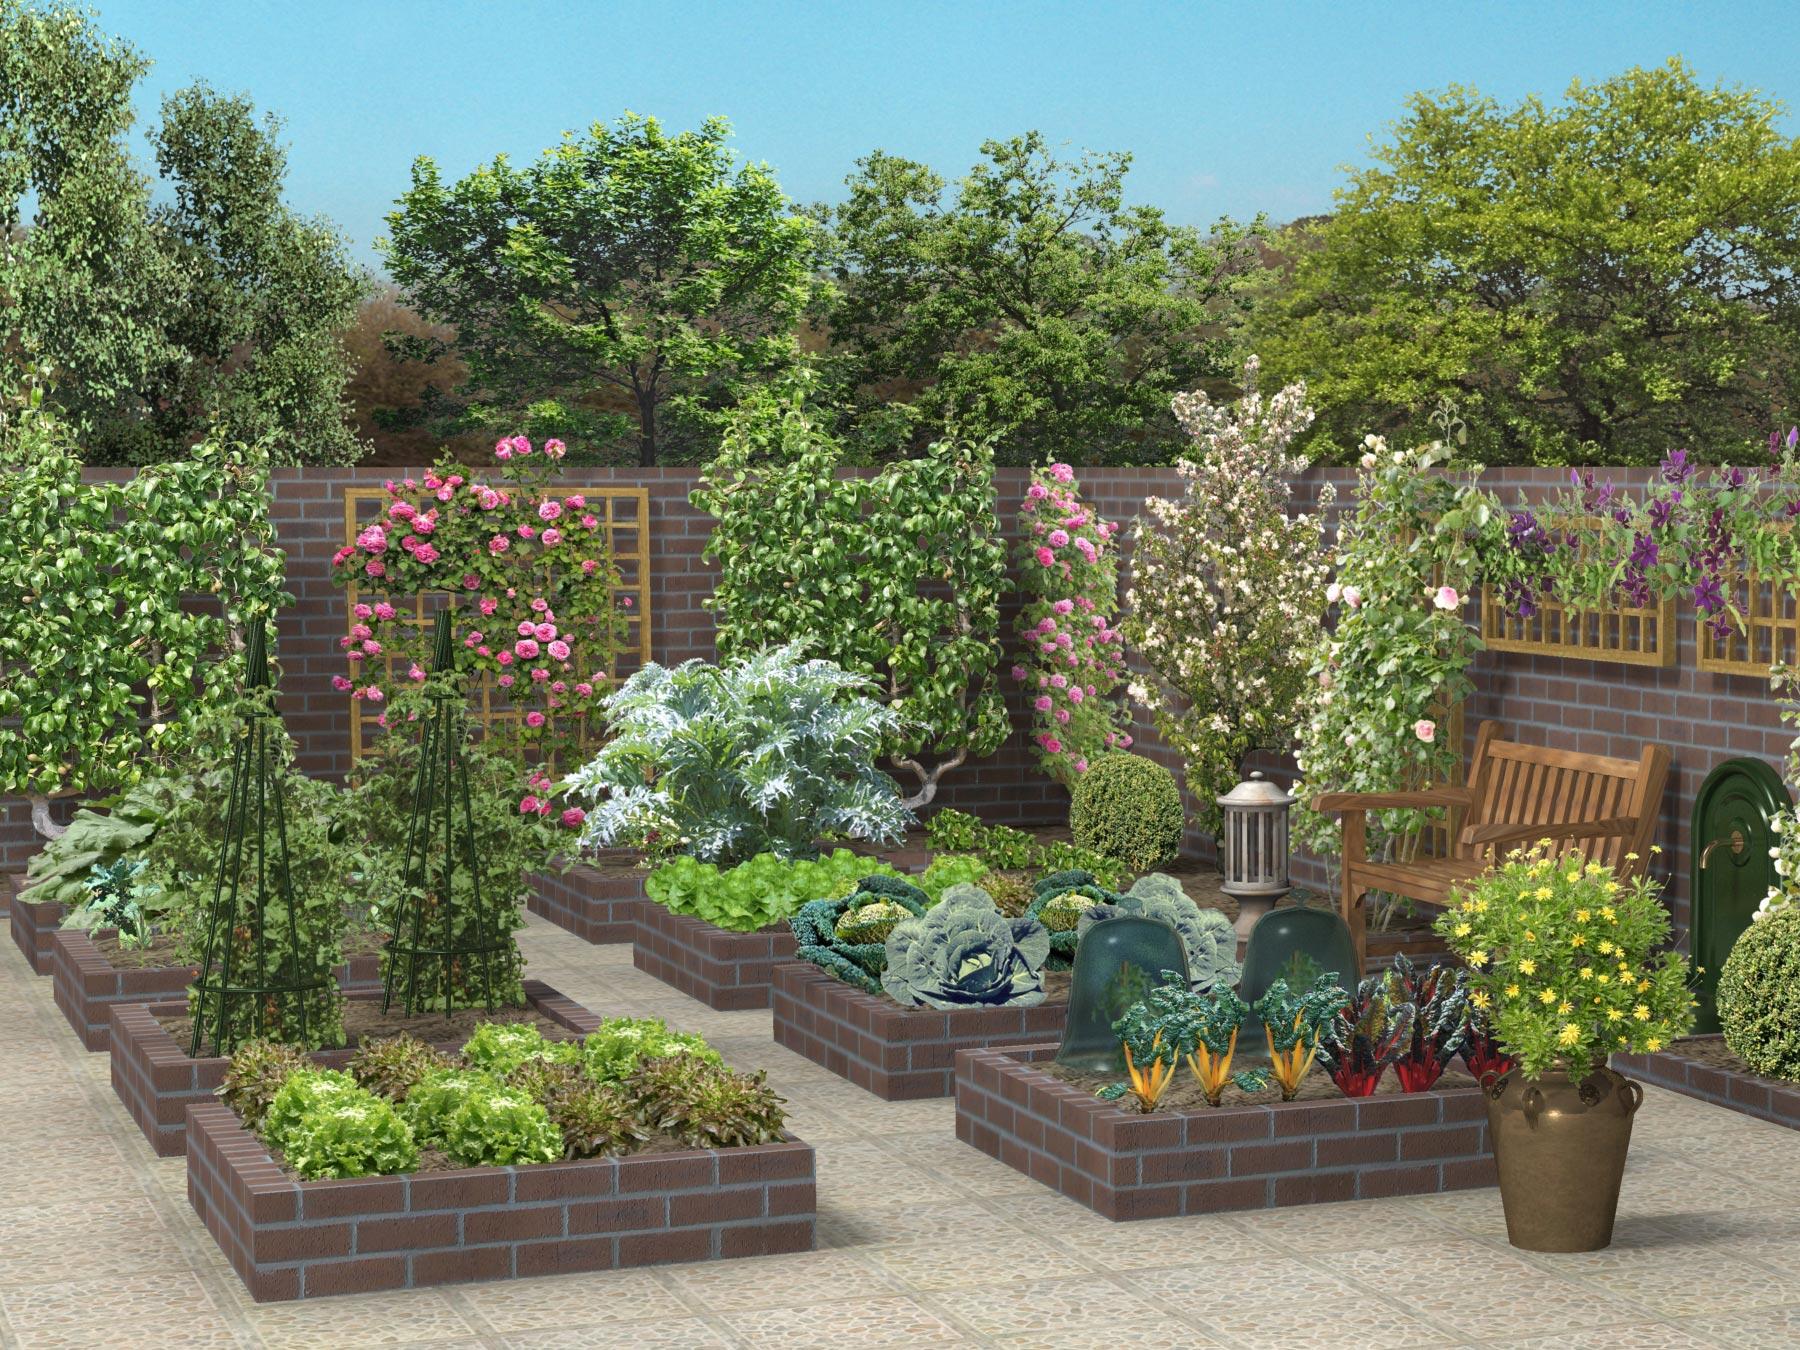 cr ez vous un jardin tendance et original pour l hiver. Black Bedroom Furniture Sets. Home Design Ideas